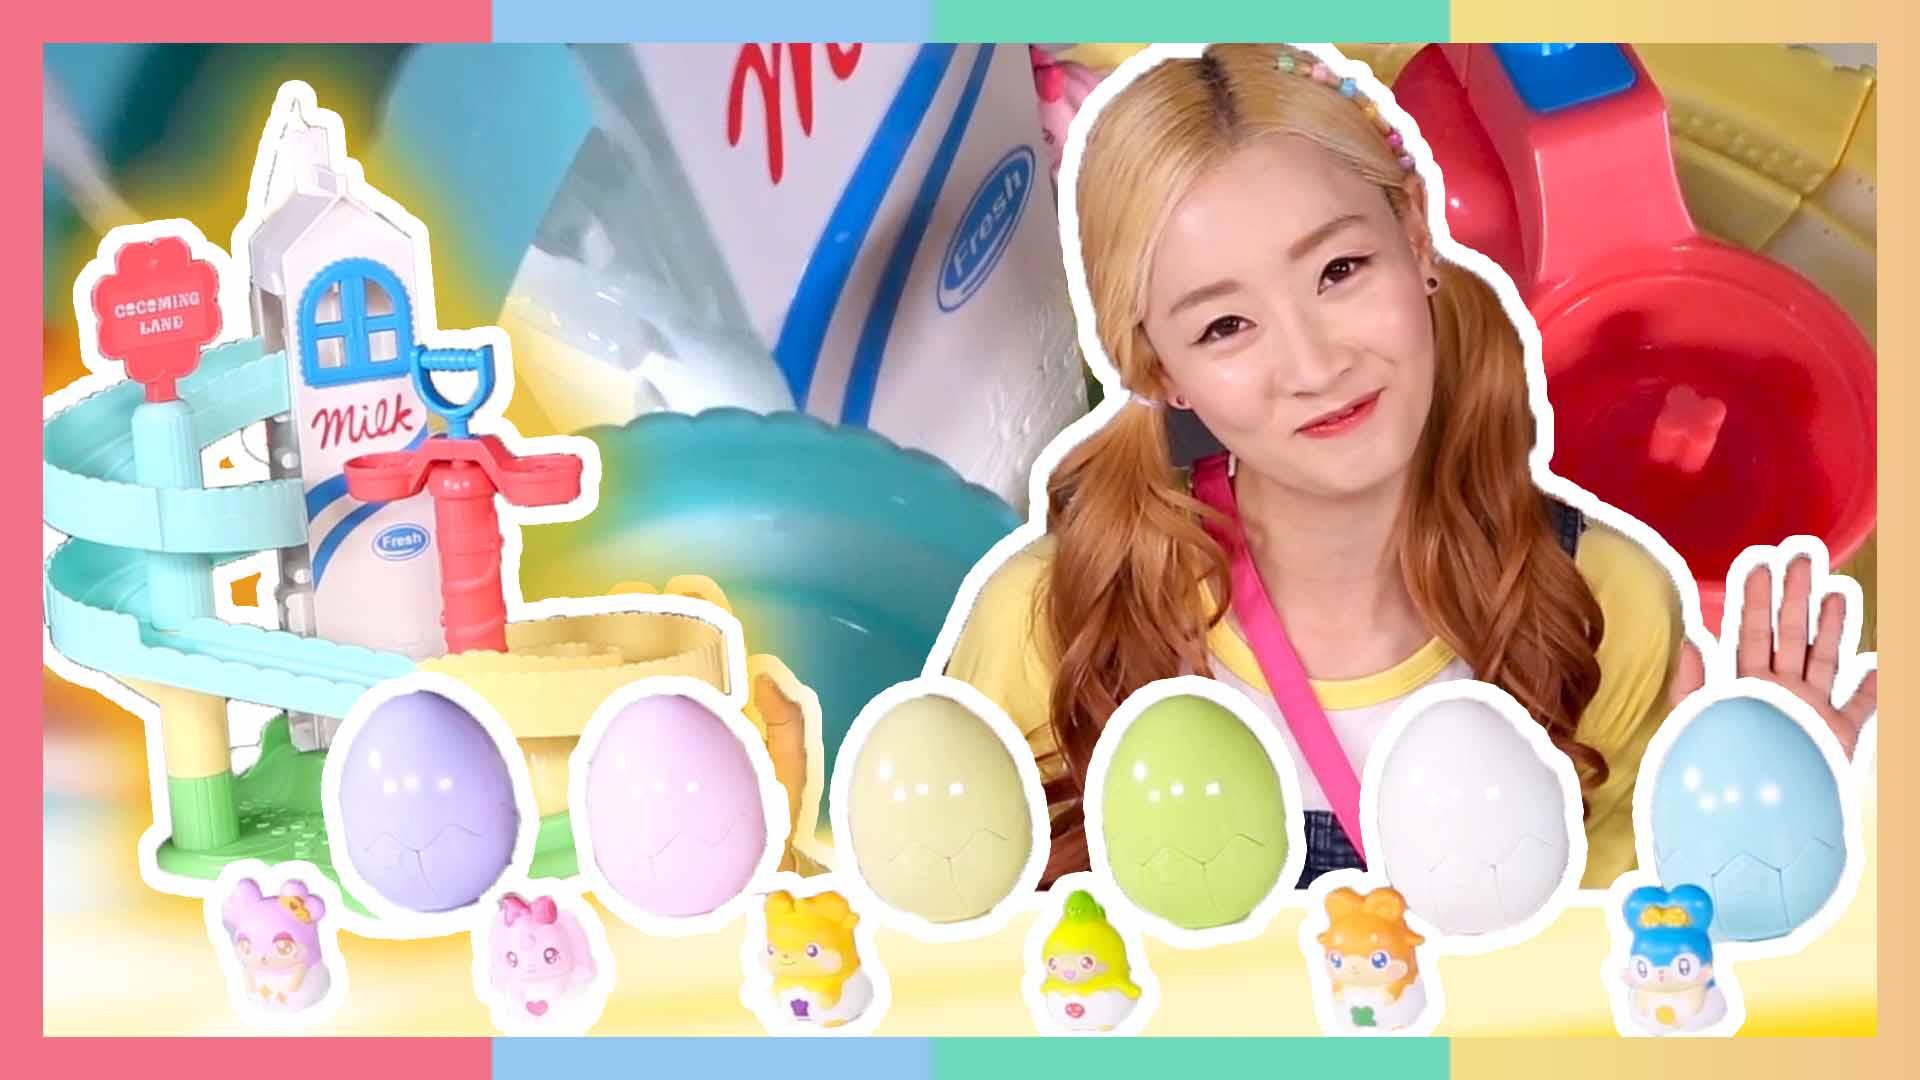 新春特辑!奶香四溢的室内蛋壳乐园 | 凯利和玩具朋友们 CarrieAndToys